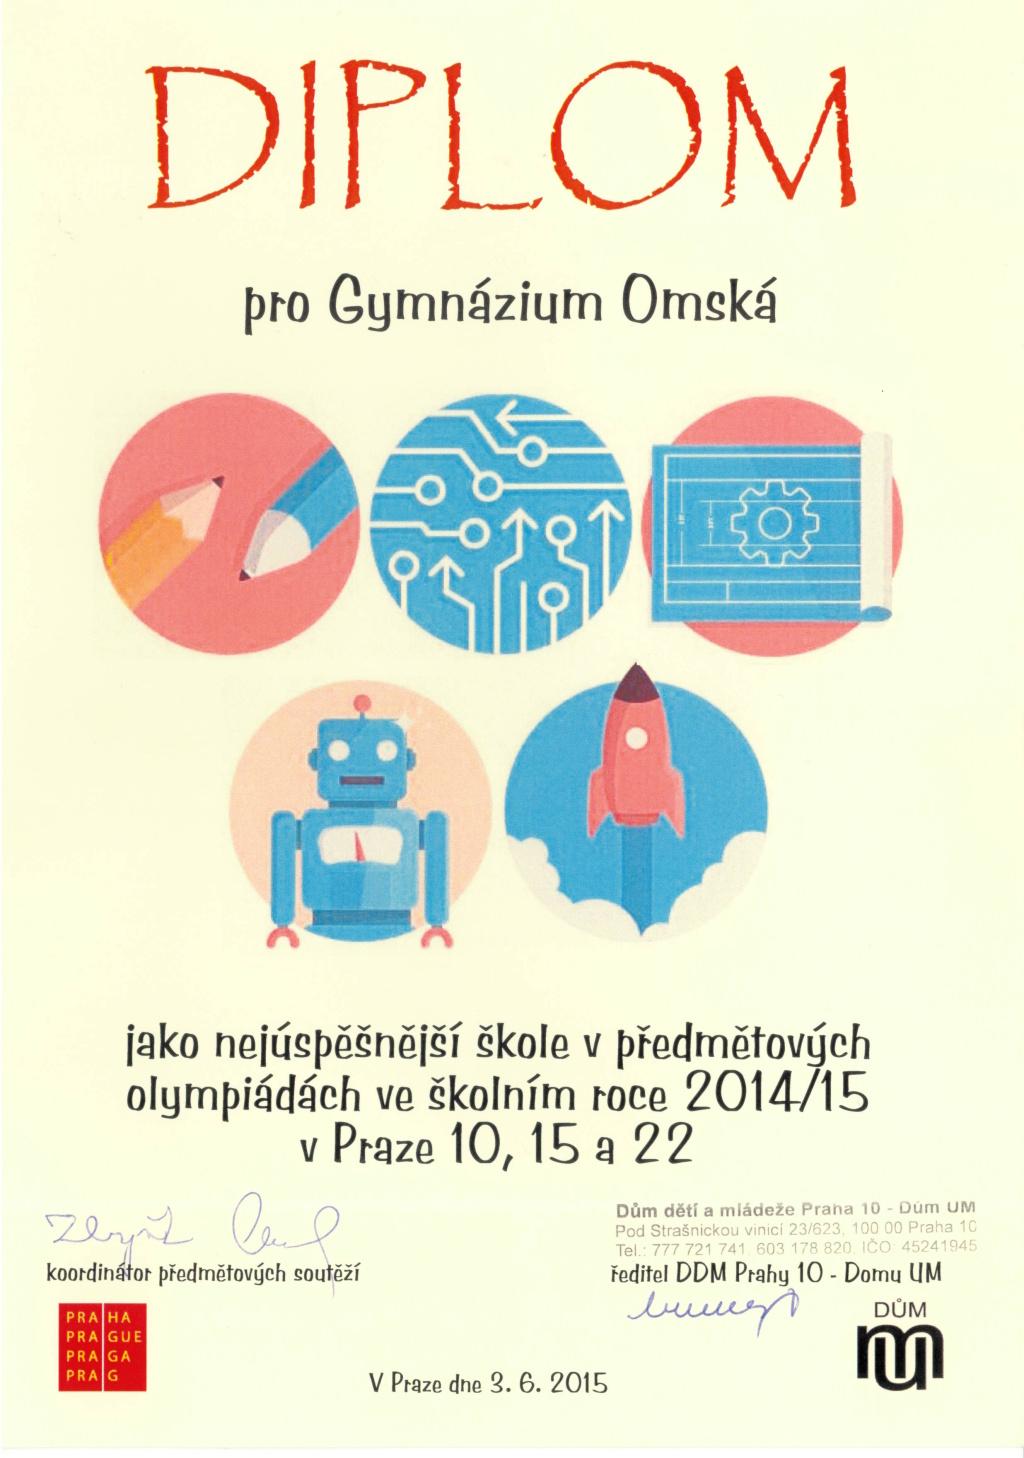 Diplom_olymp_1415